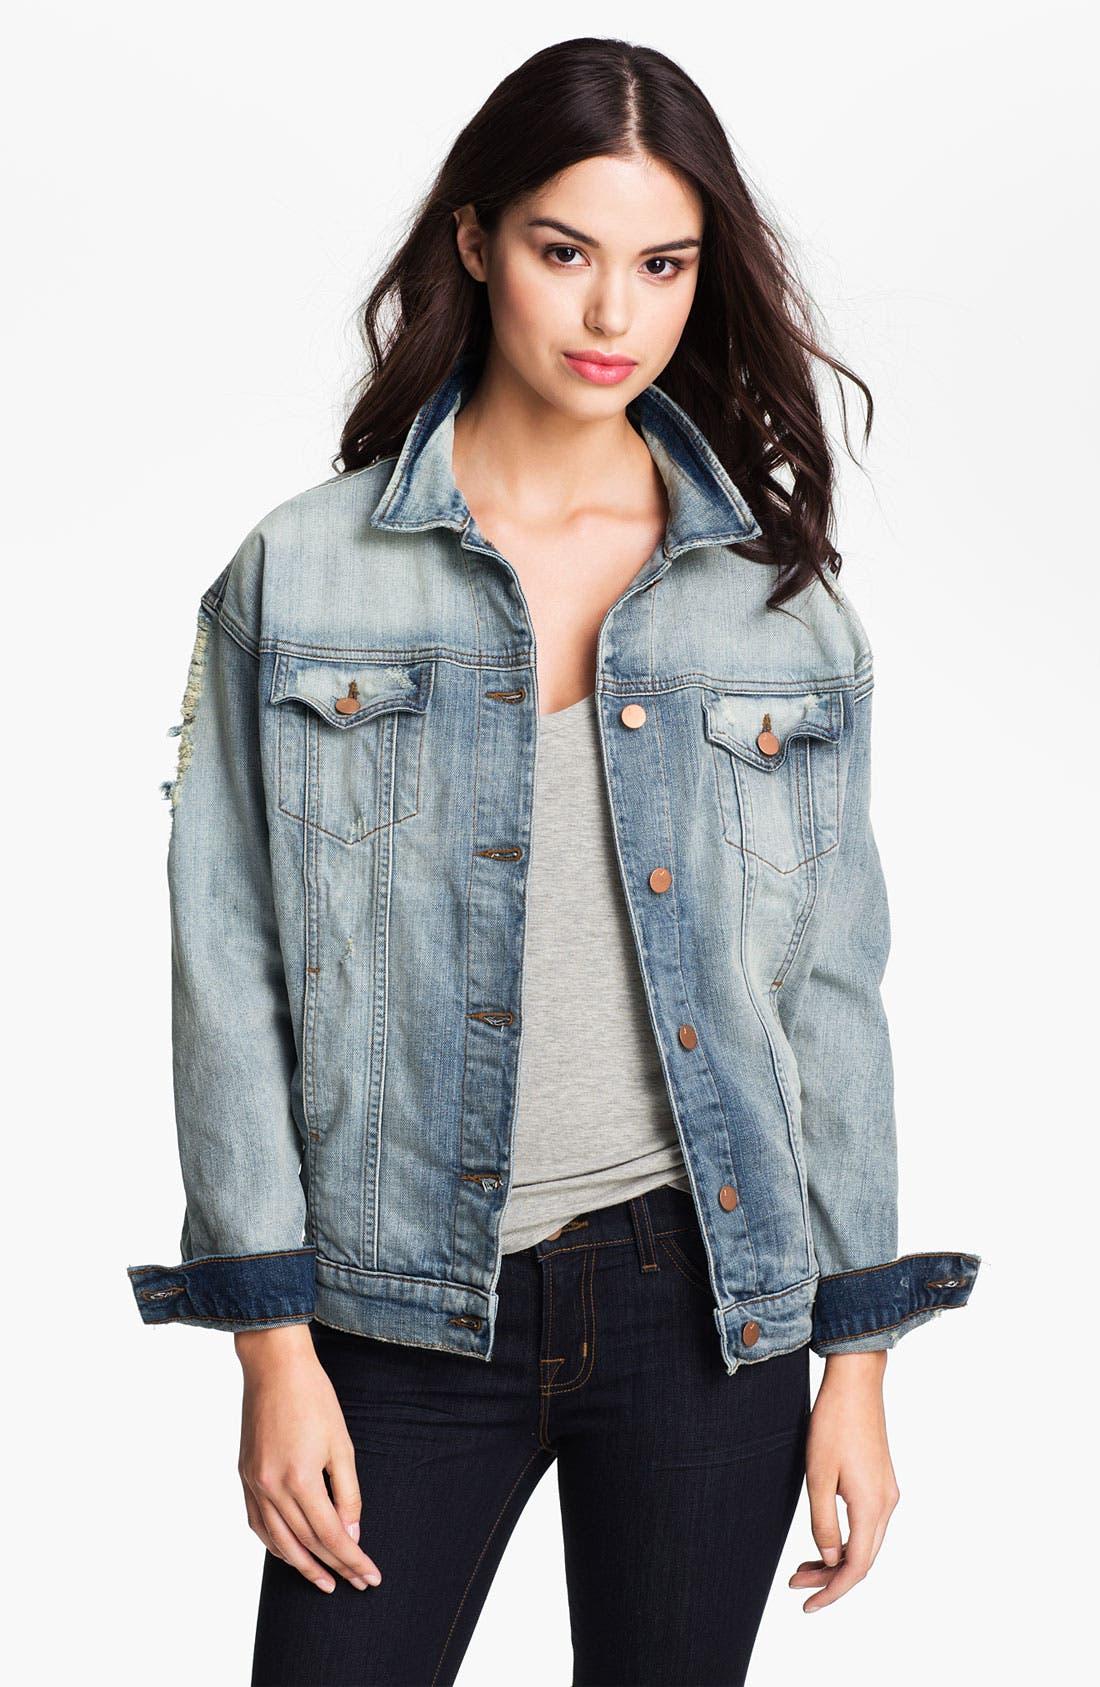 Alternate Image 1 Selected - J Brand 'Boyfriend' Destroyed Denim Jacket (Wasted)